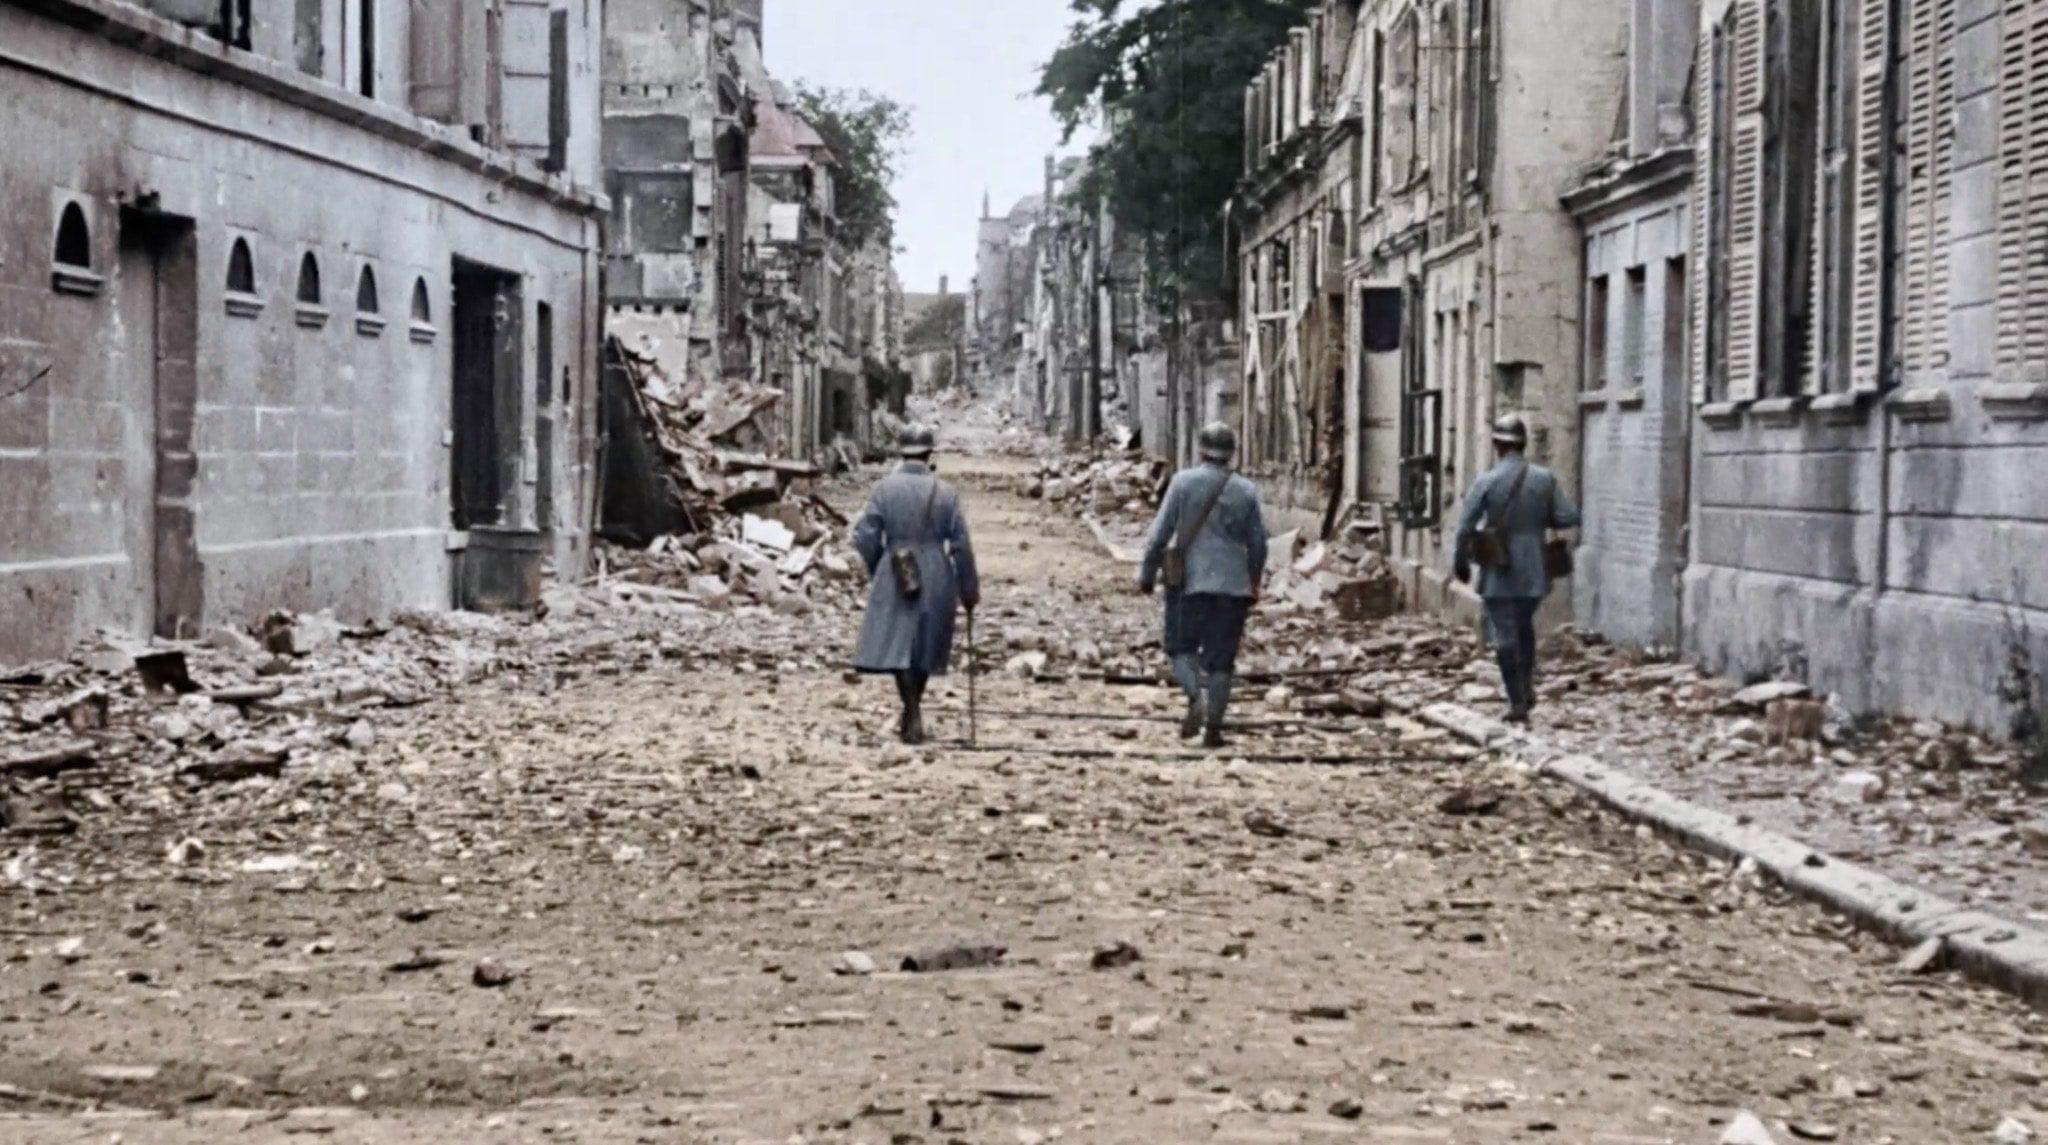 La France de l'entre-deux guerres de Romain Icard image EPISODE 1 PARTIE 1